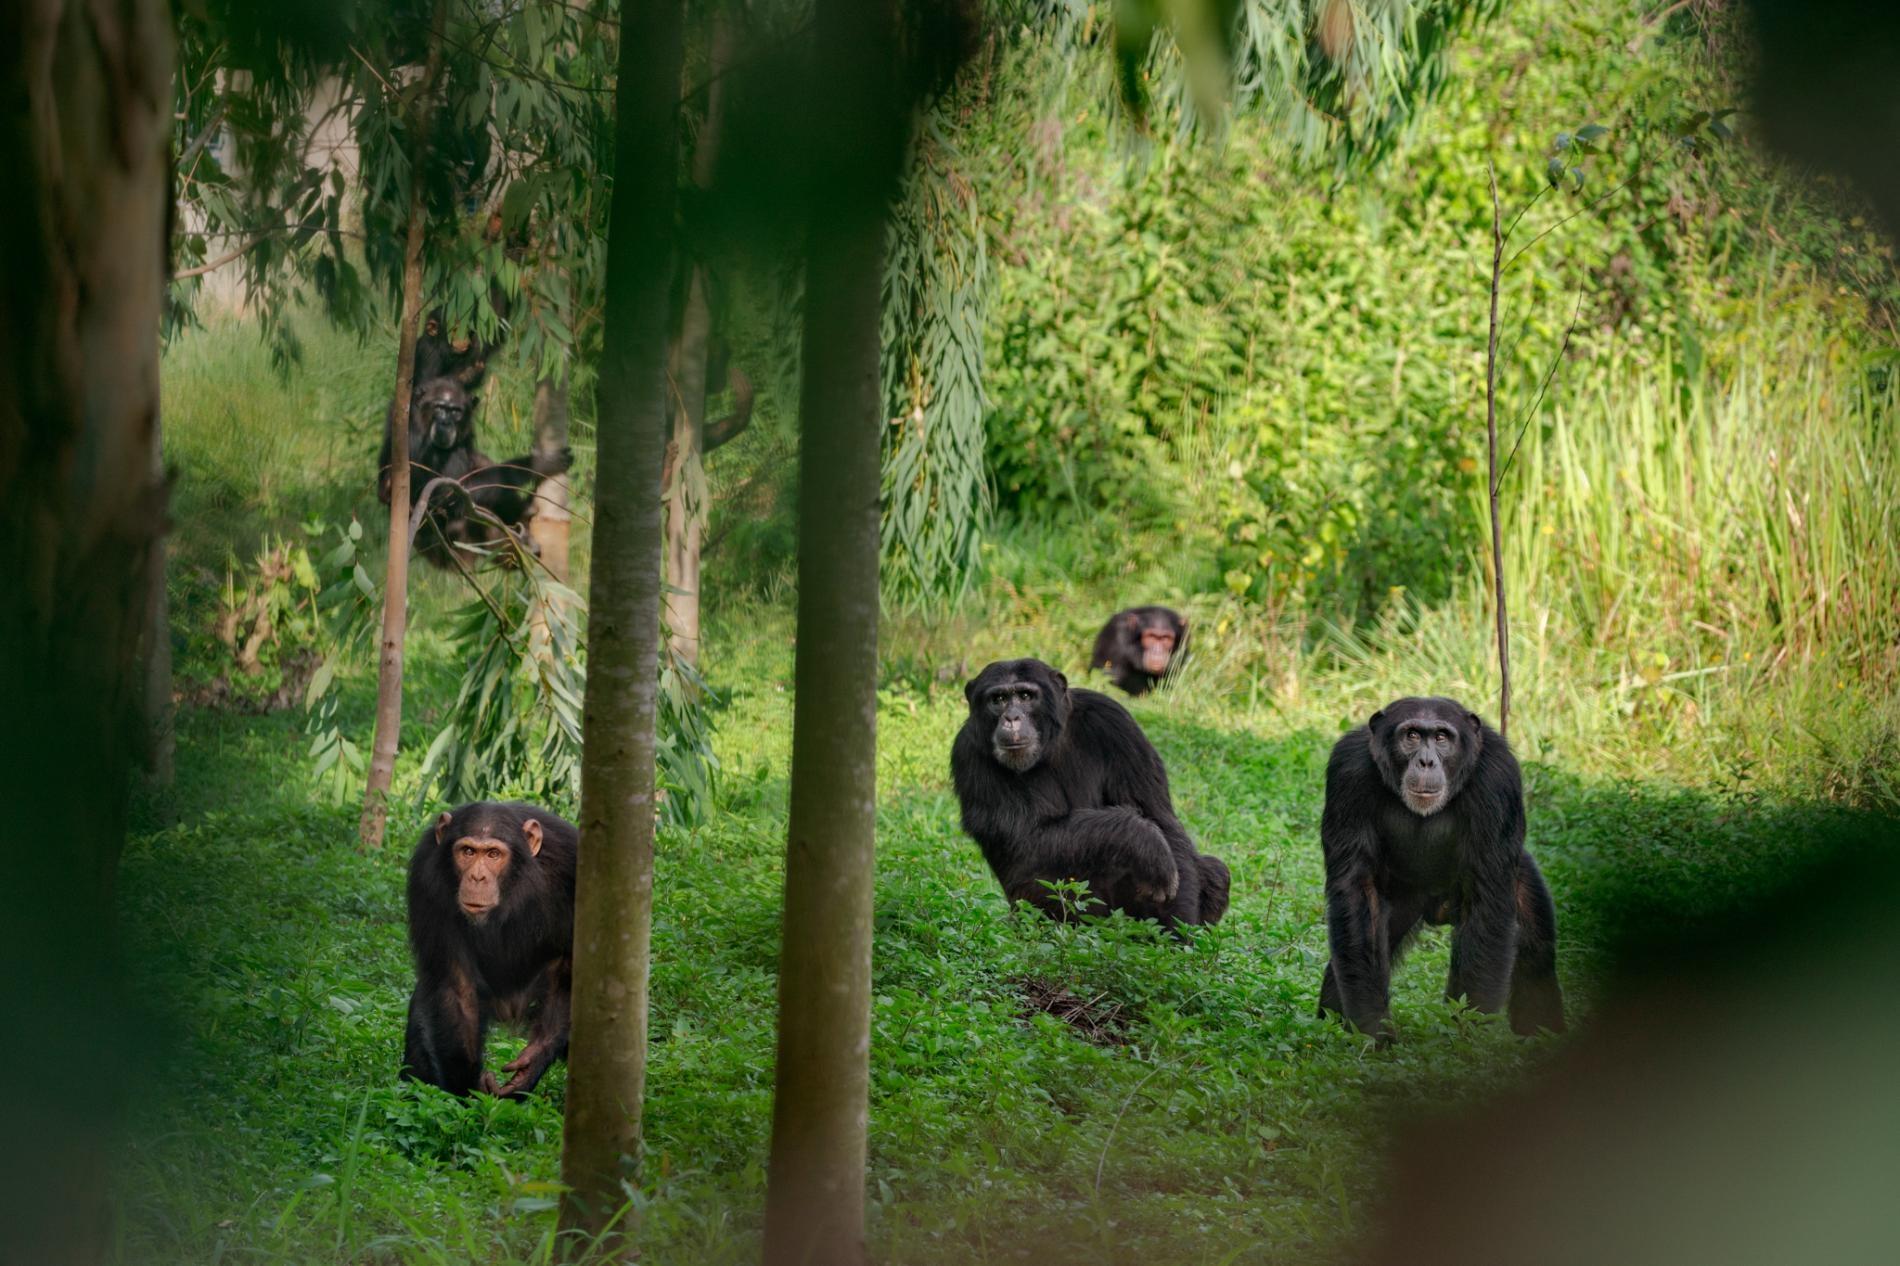 在烏干達的一群黑猩猩。有些黑猩猩的優勢雄性採用鐵腕統治,有些則以較溫和的方式治理。PHOTOGRAPH BY RONAN DONOVAN, NAT GEO IMAGE COLLECTION